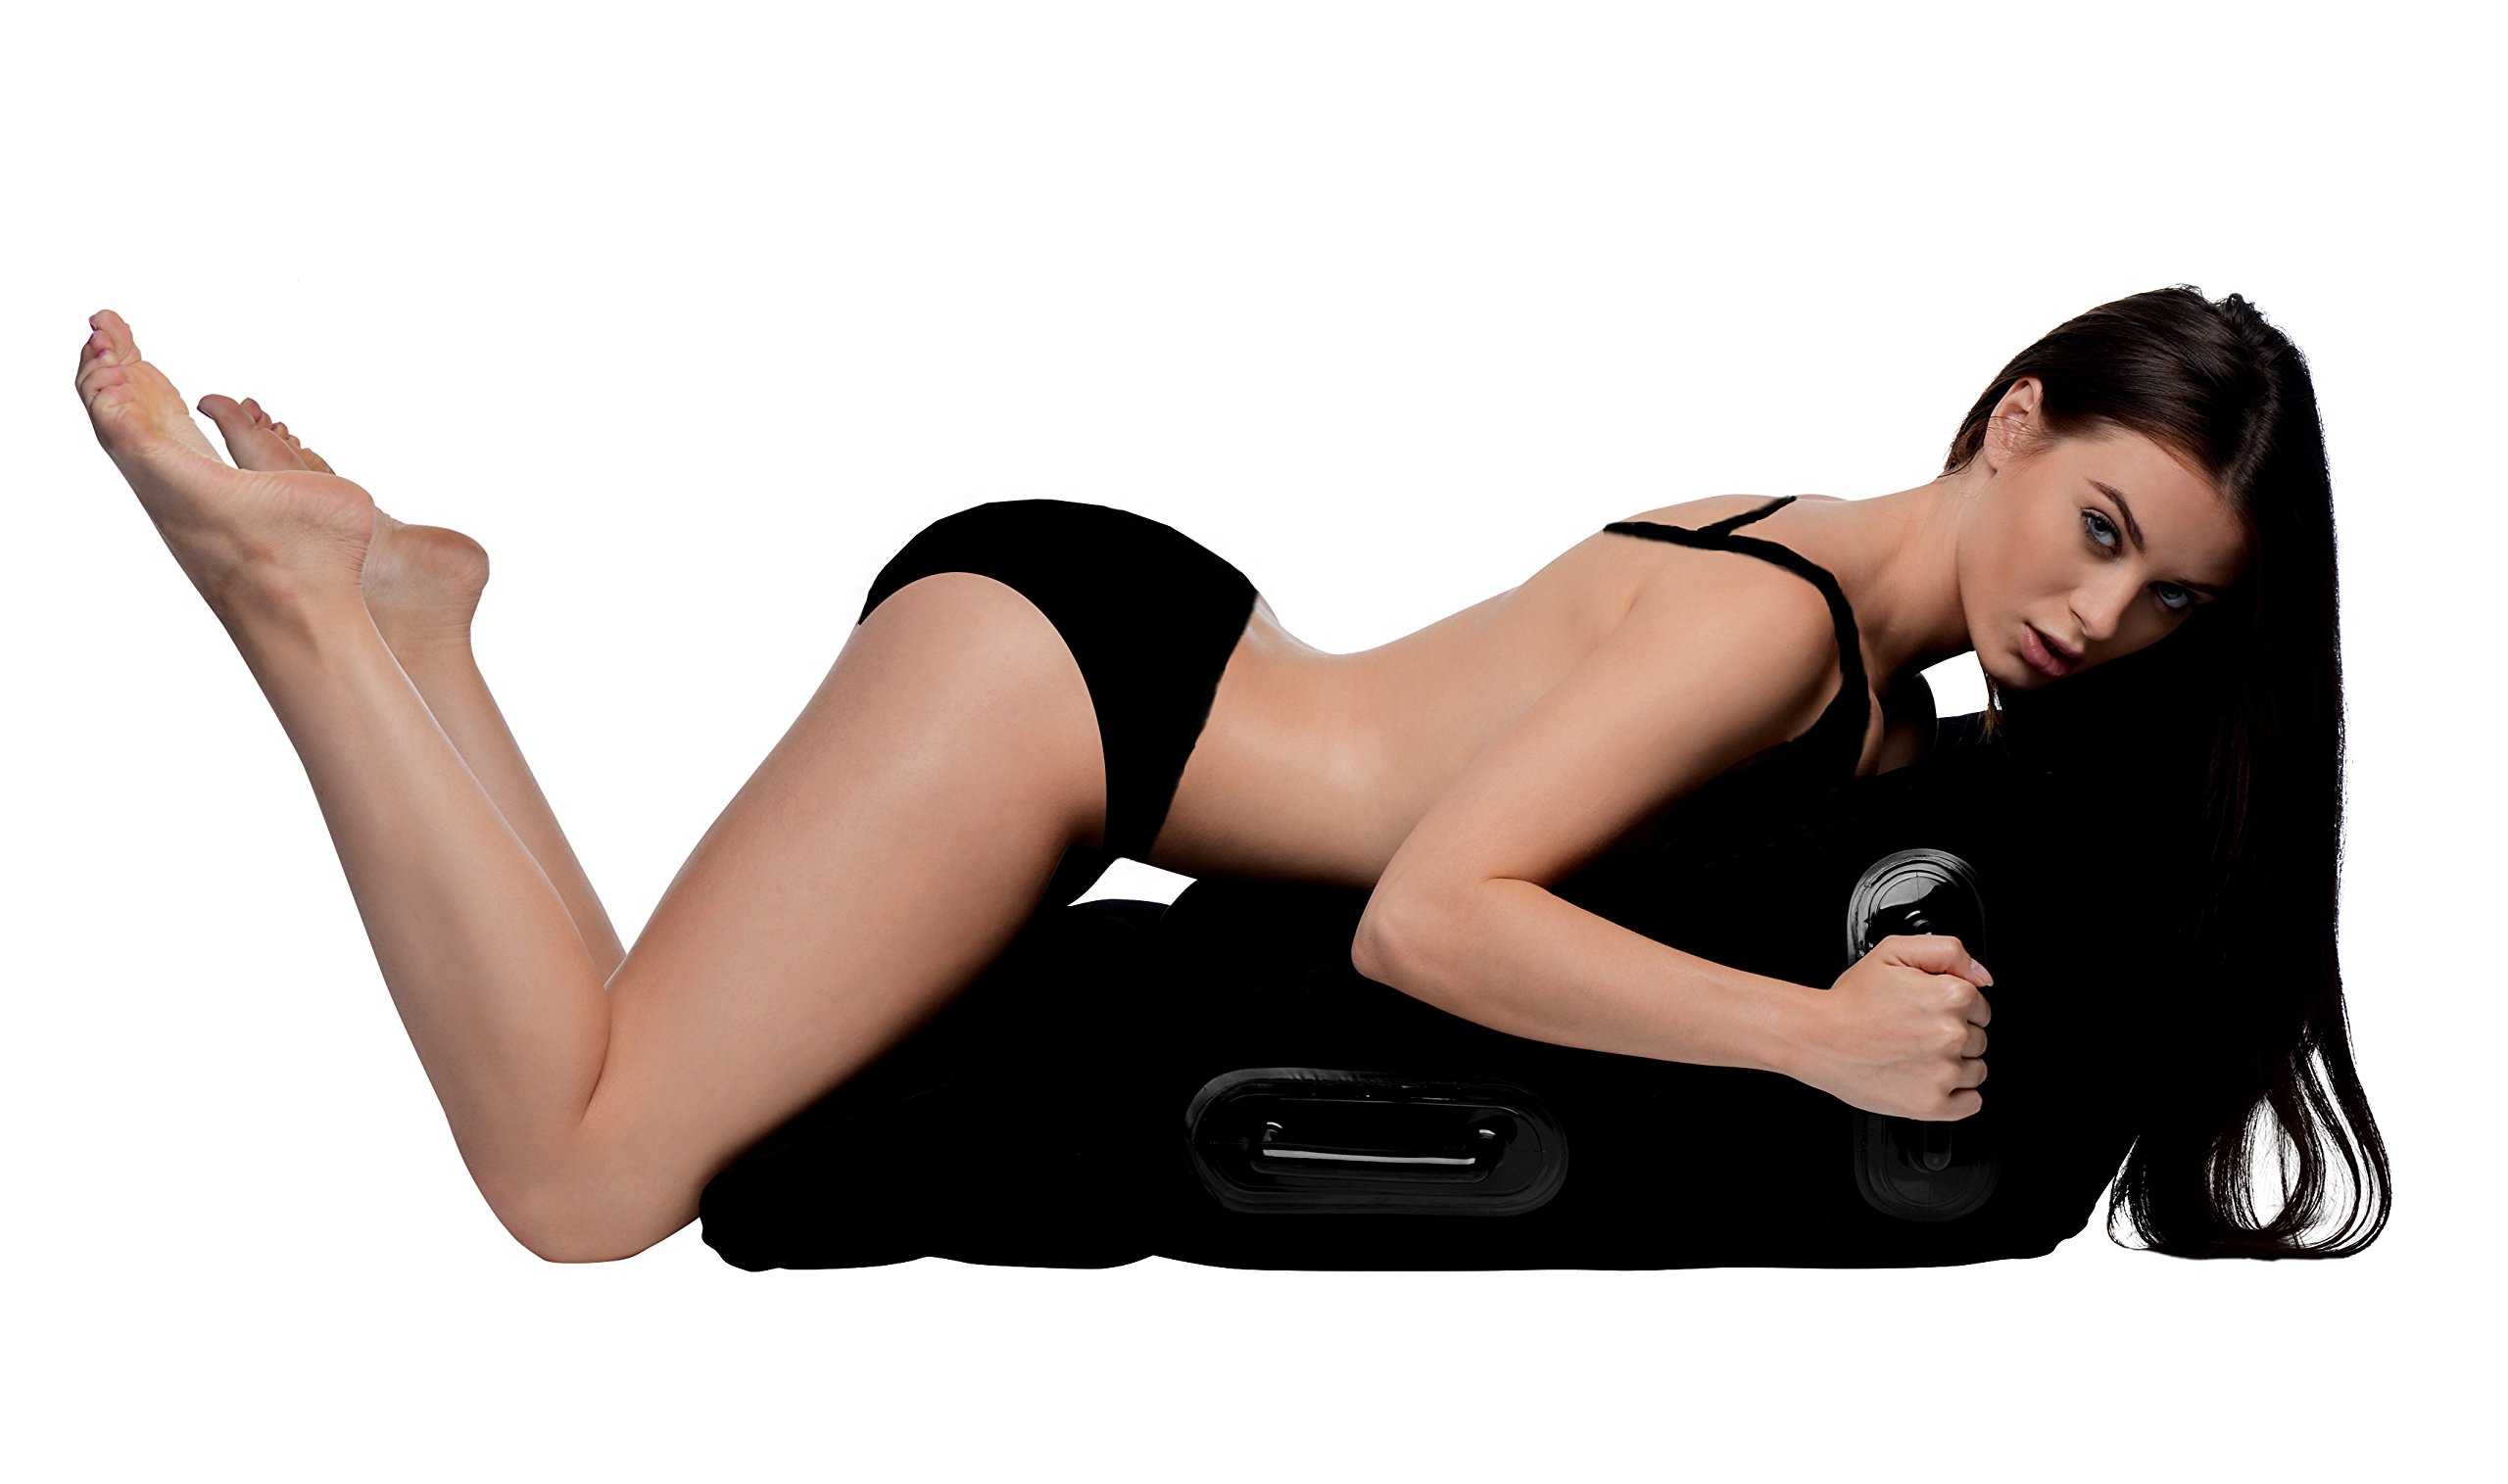 Frisky Mount Me Inflatable Sex Position Pillow